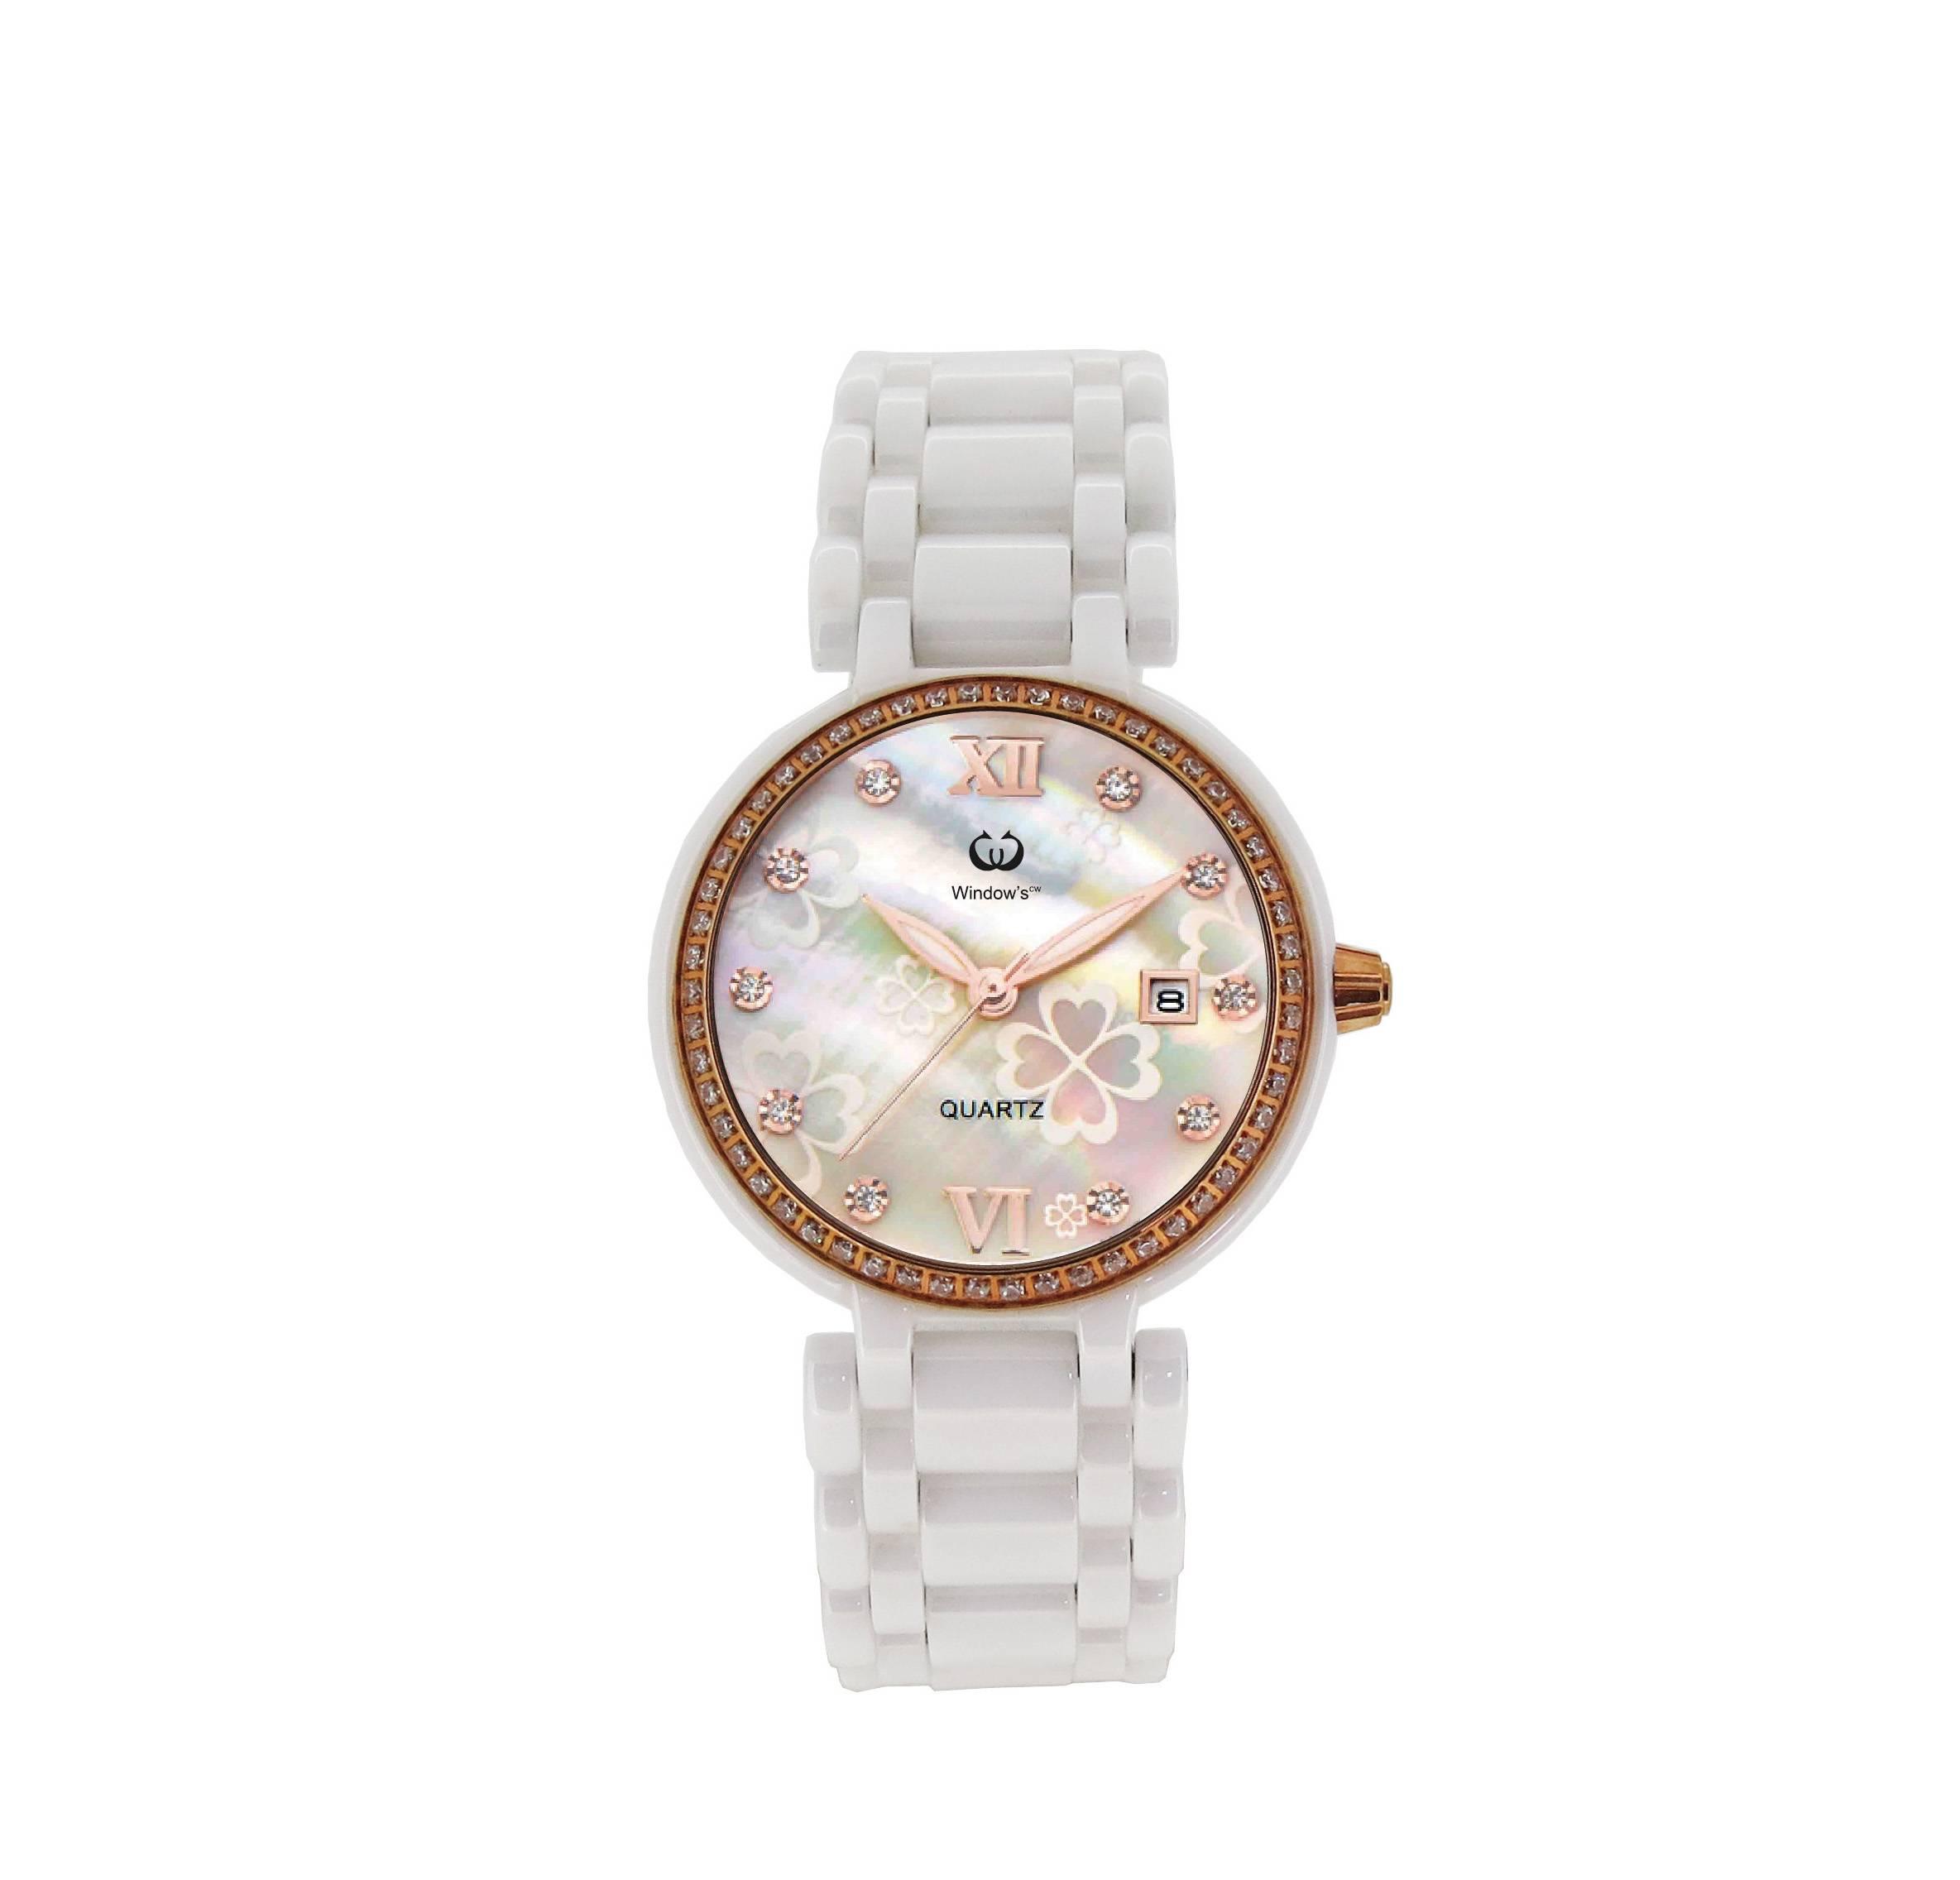 Ceramic watch ladies' watch quartz watch vogue watch